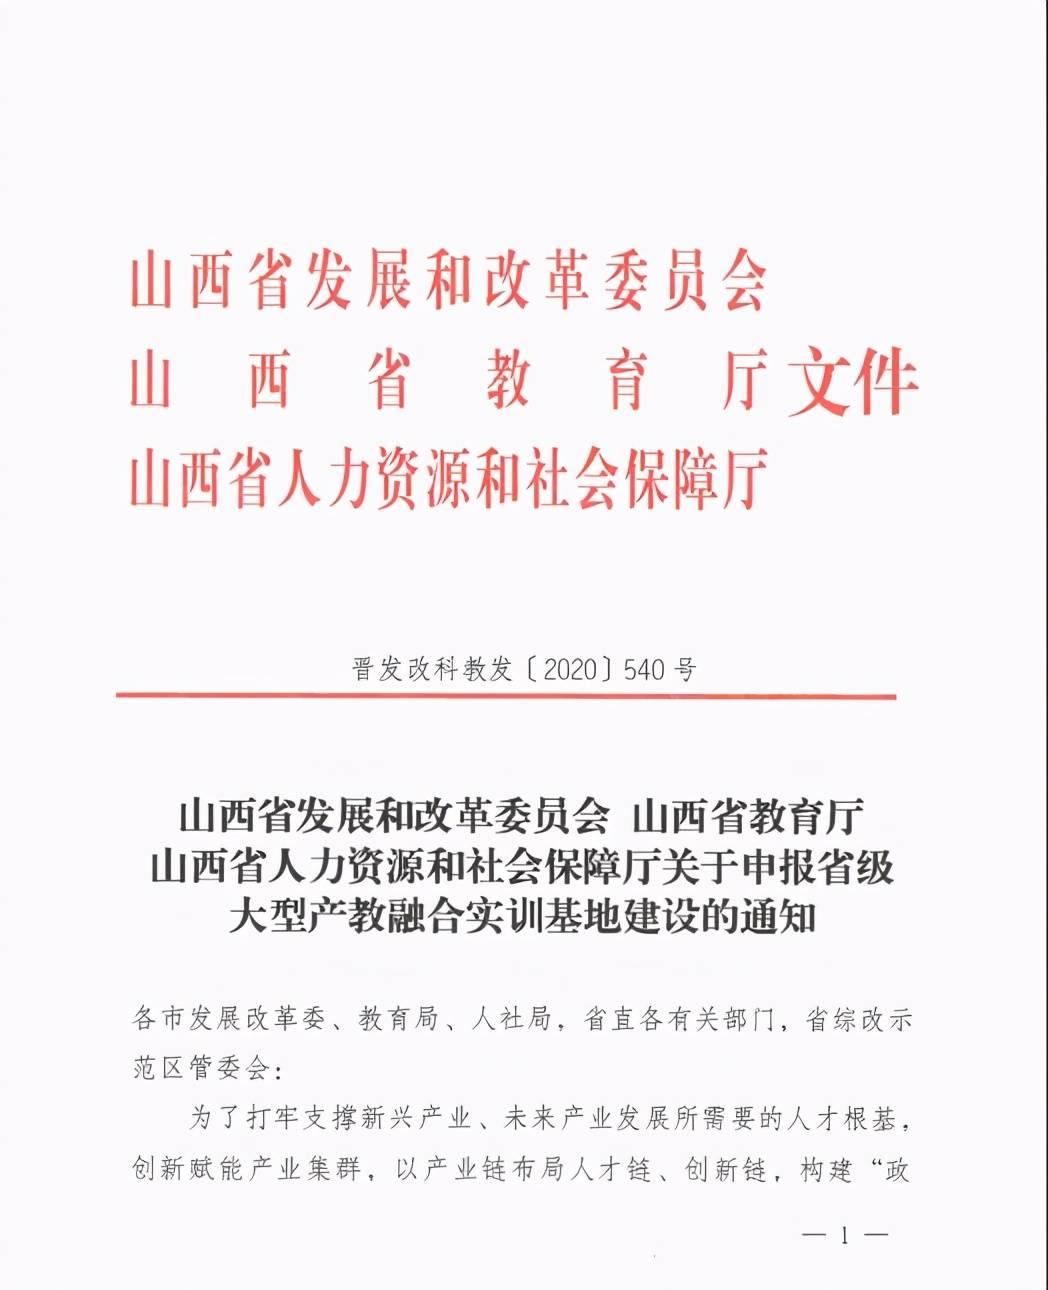 山西:关于申报省级大型产教融合实训基地建设的通知